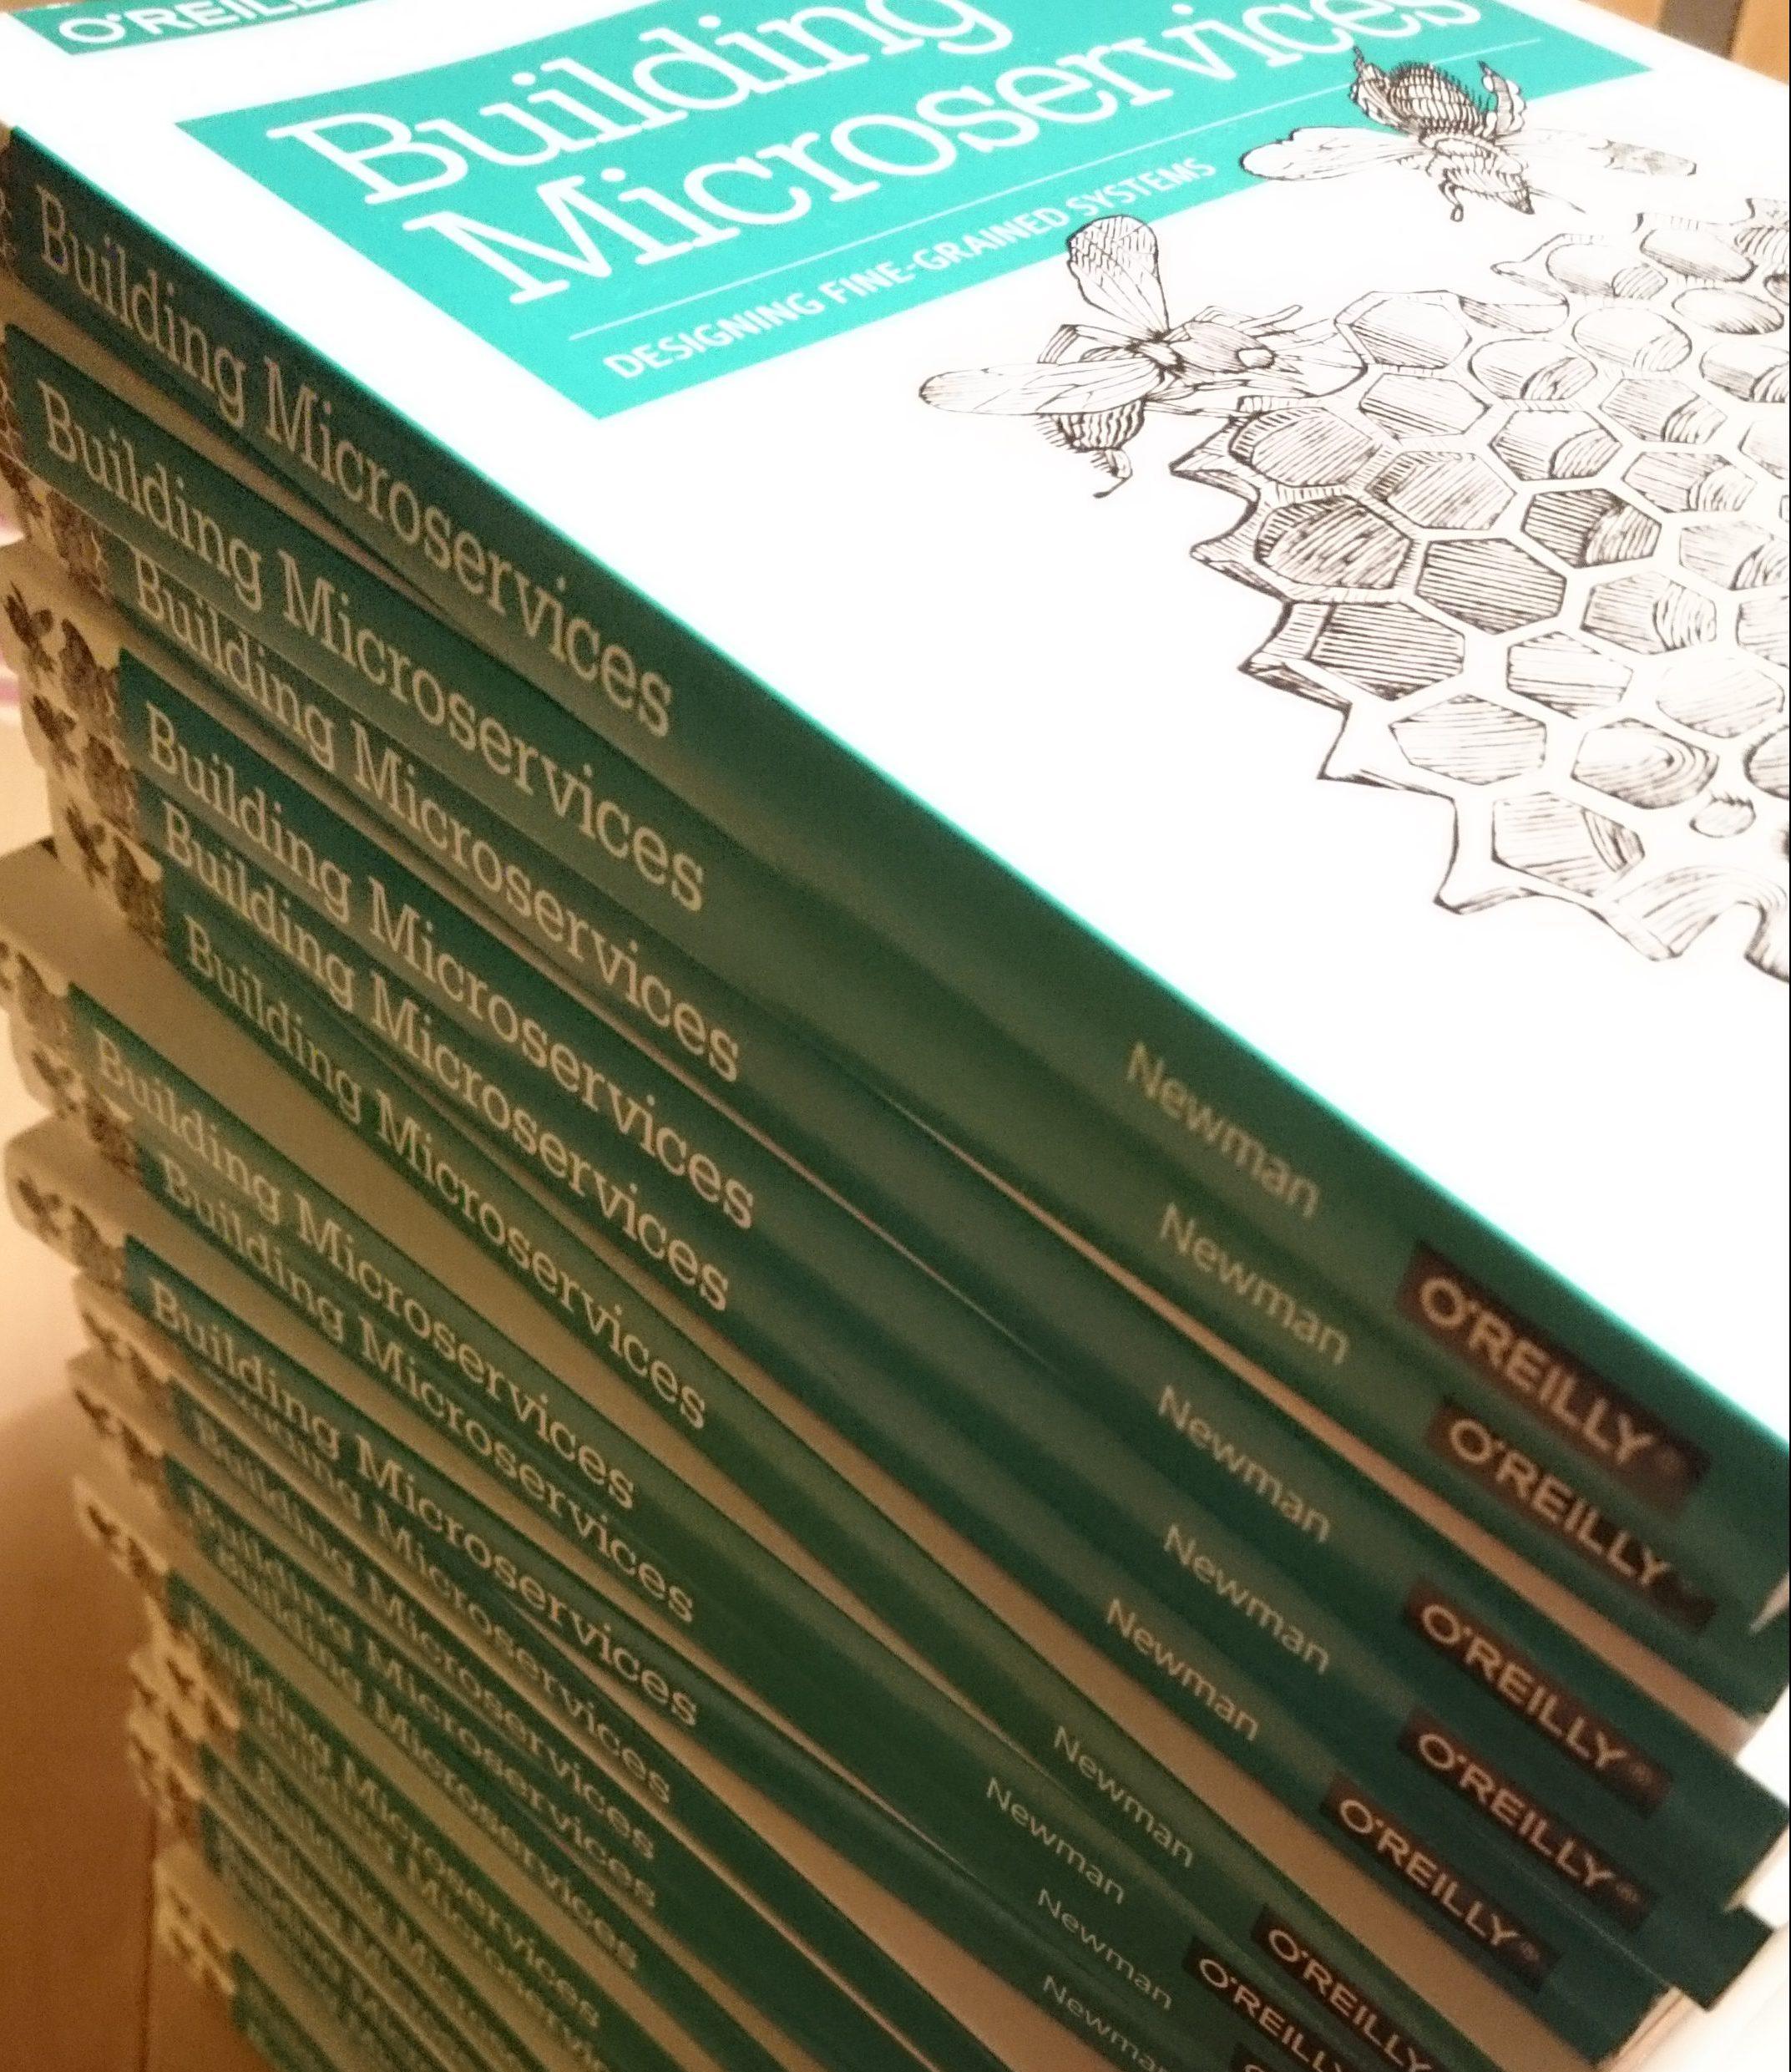 Developer Book Club Henrik Warnes Blog